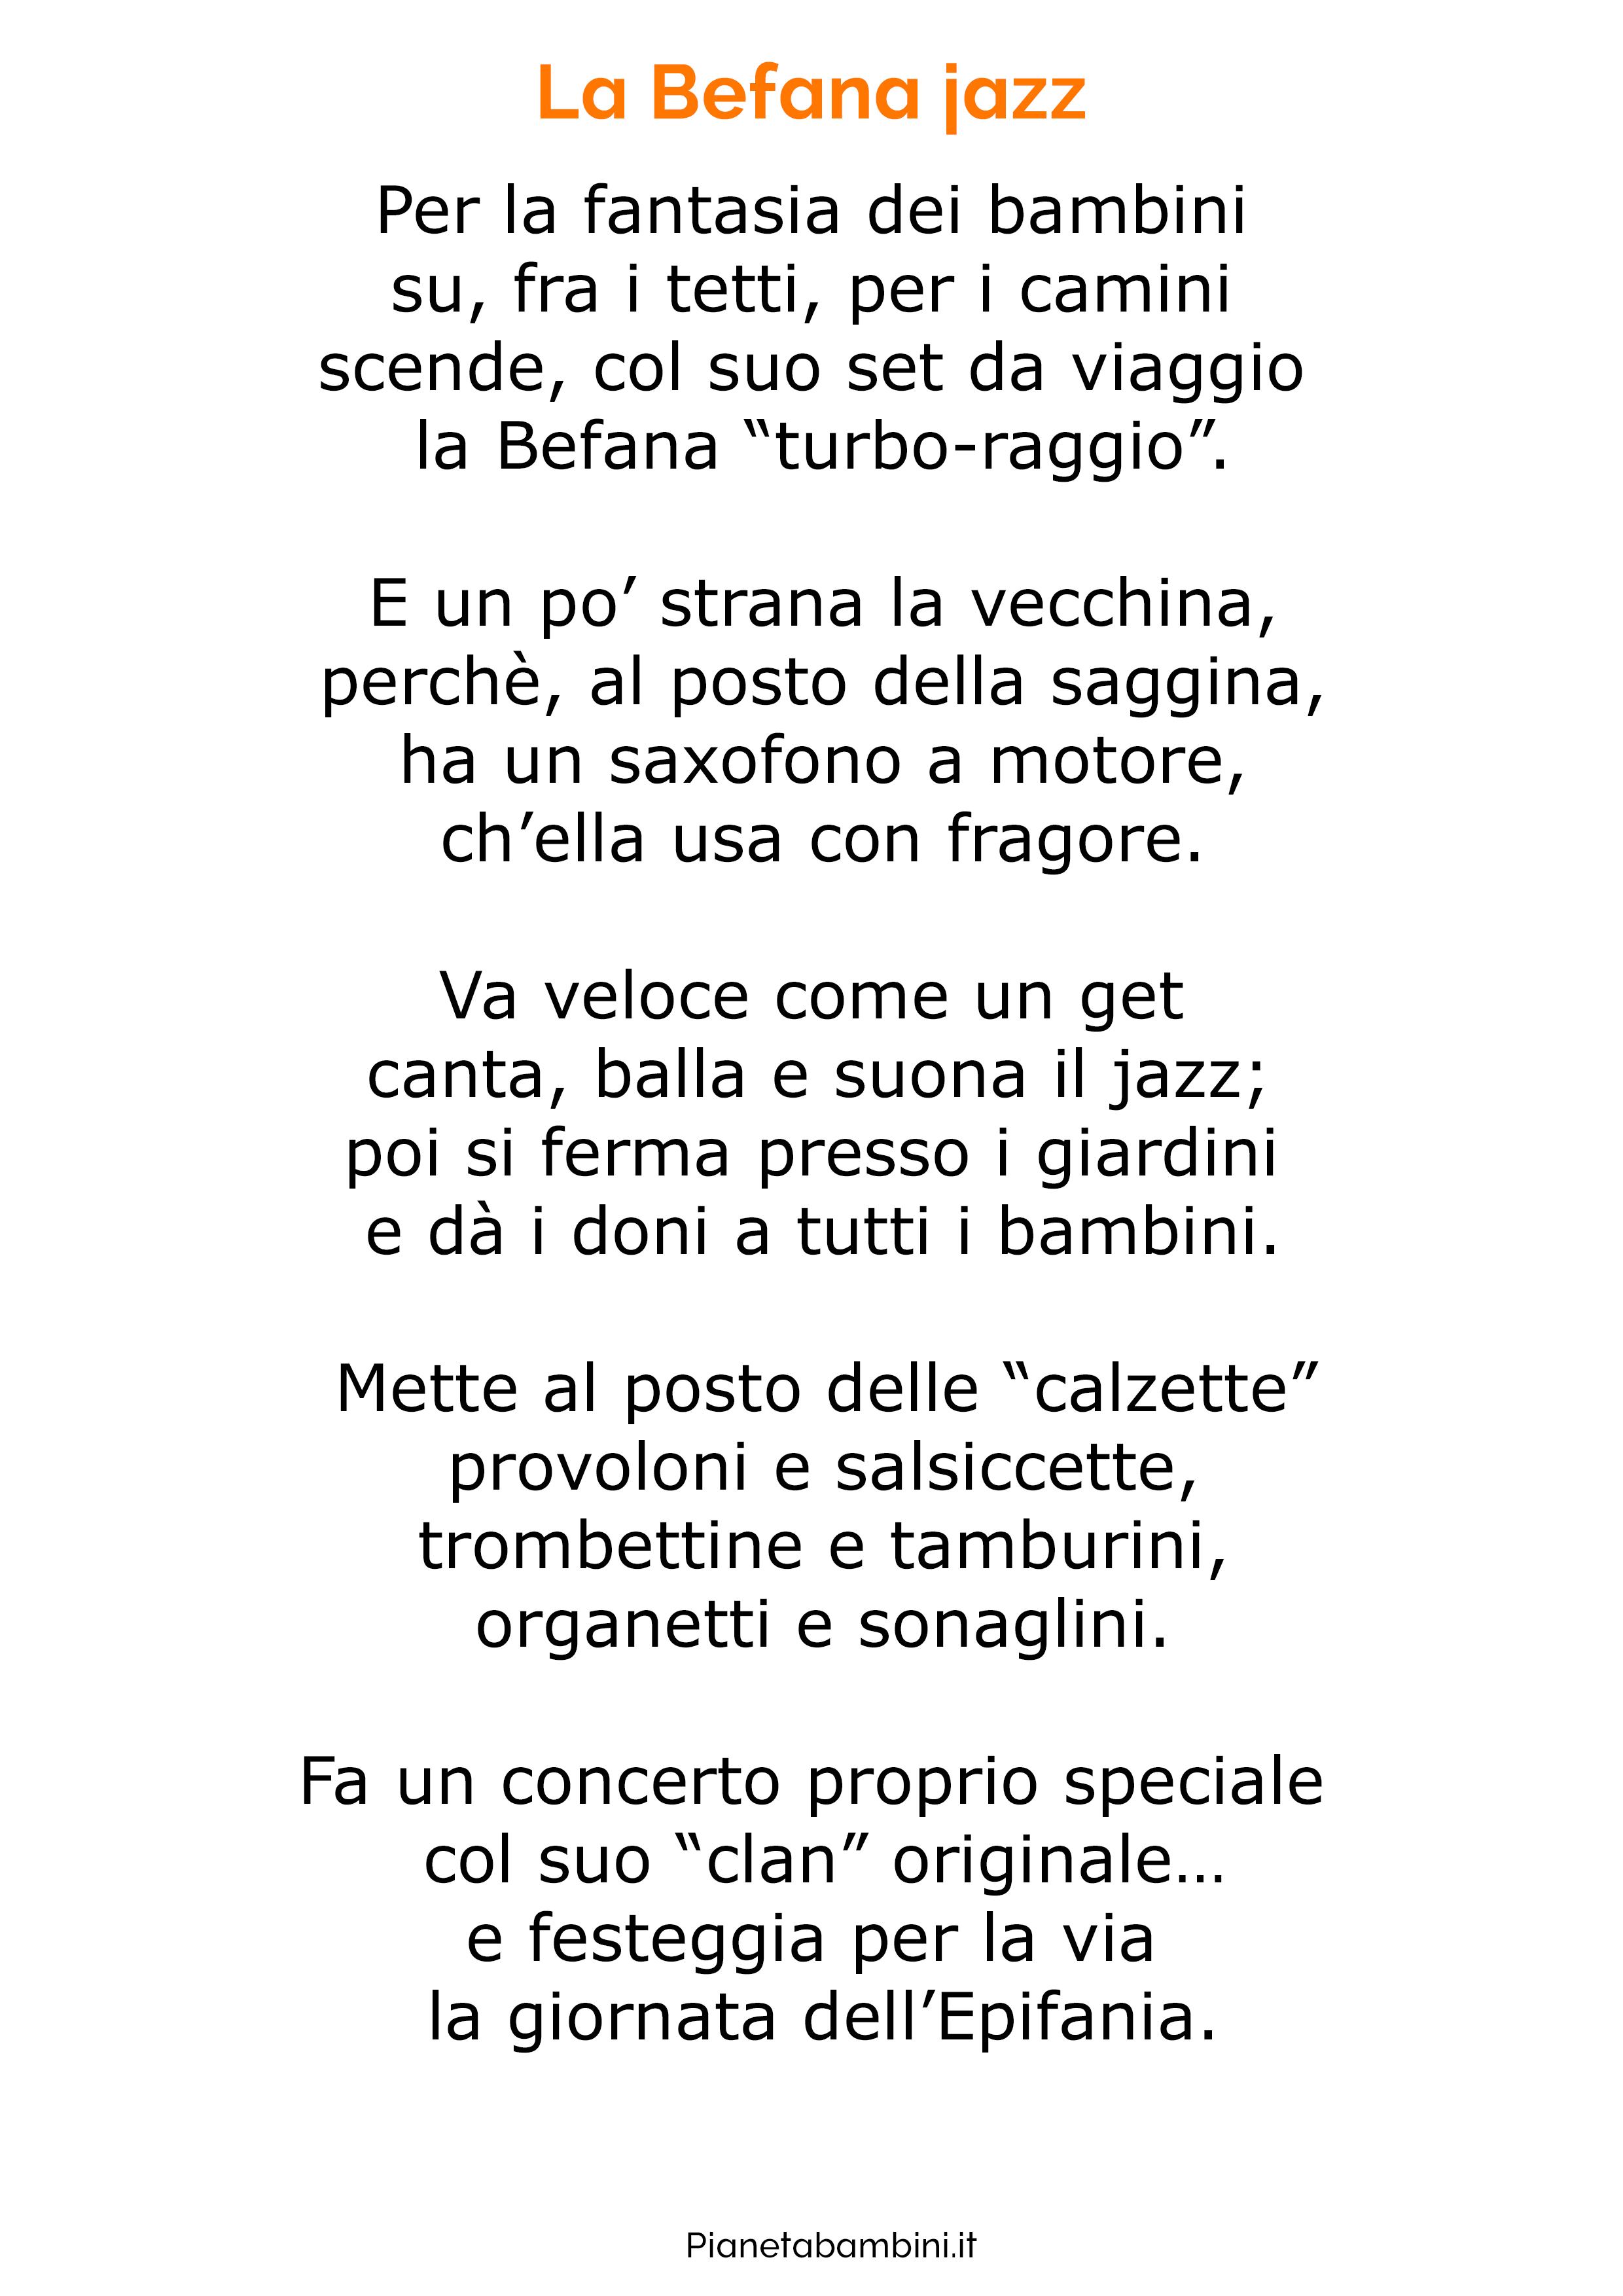 Poesia sulla Befana 13